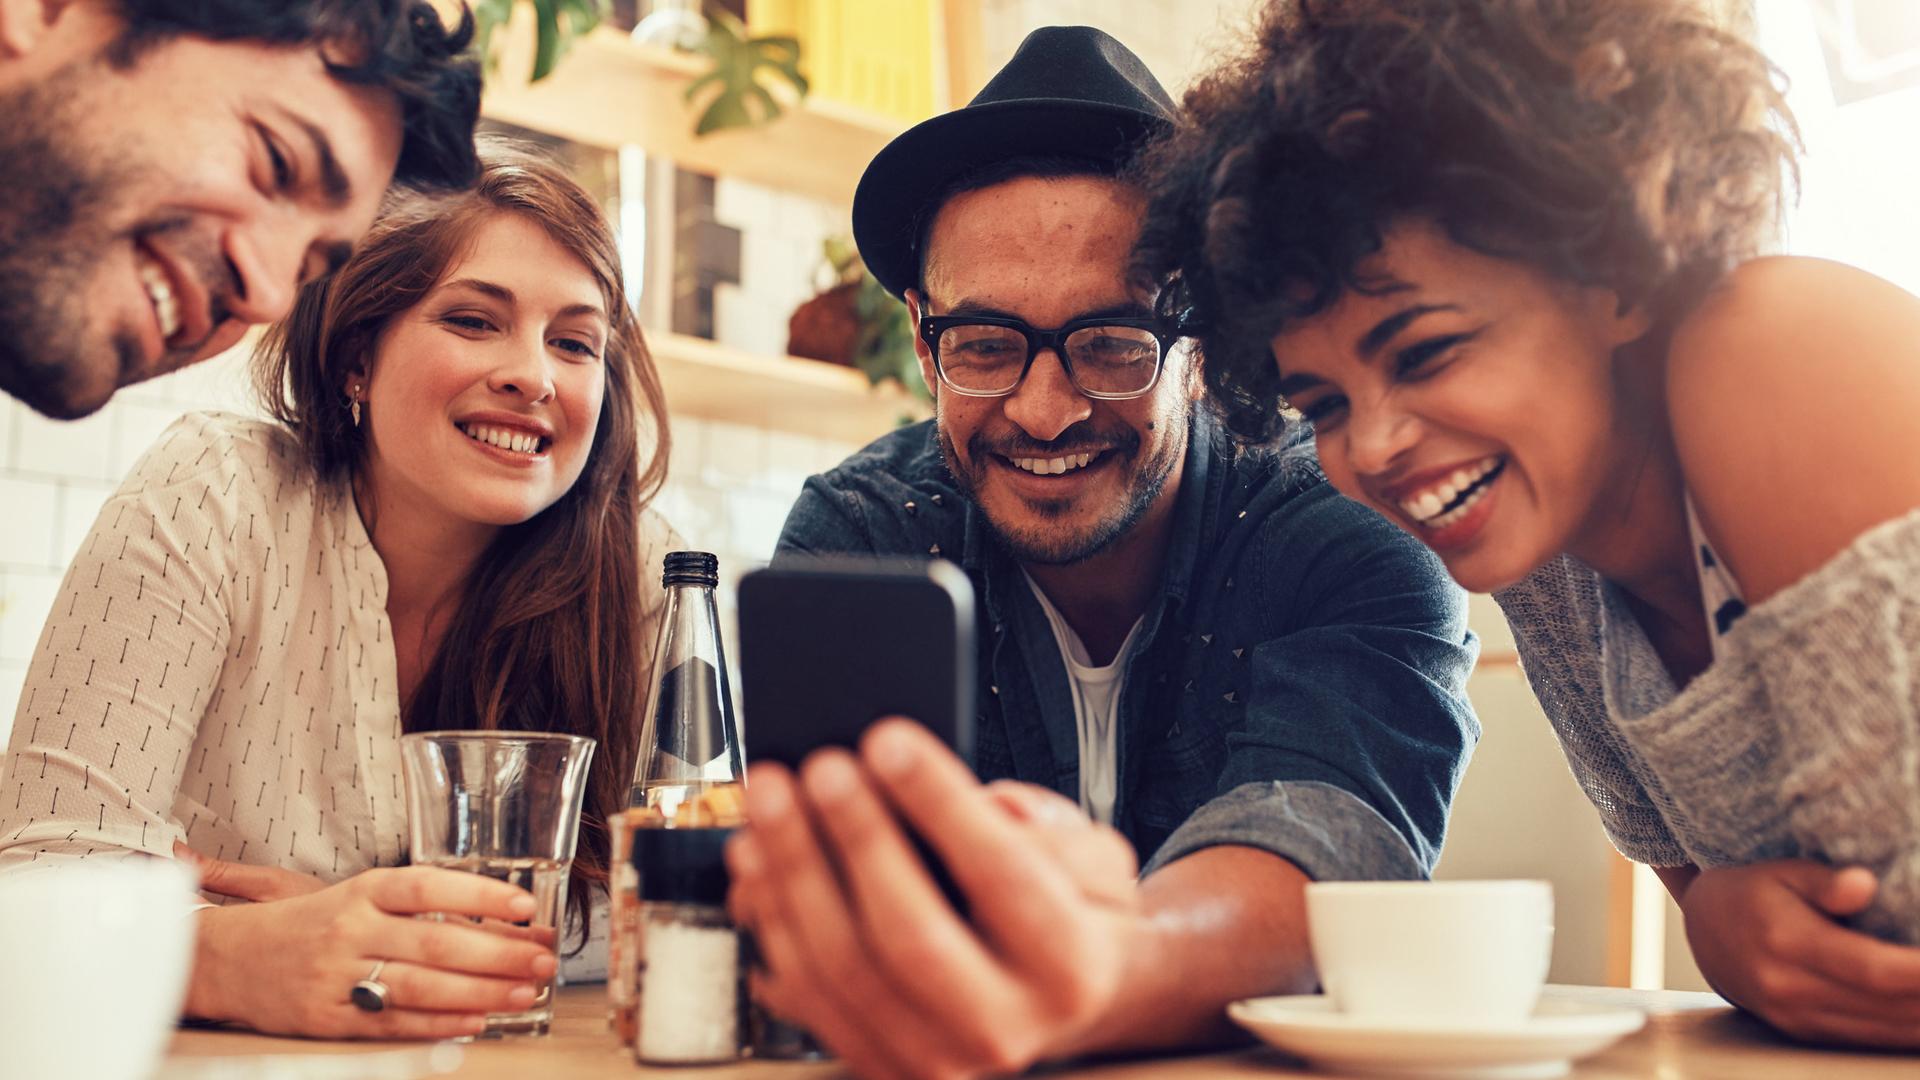 El 78% de los Millennials tiene un smartphone (iStock)